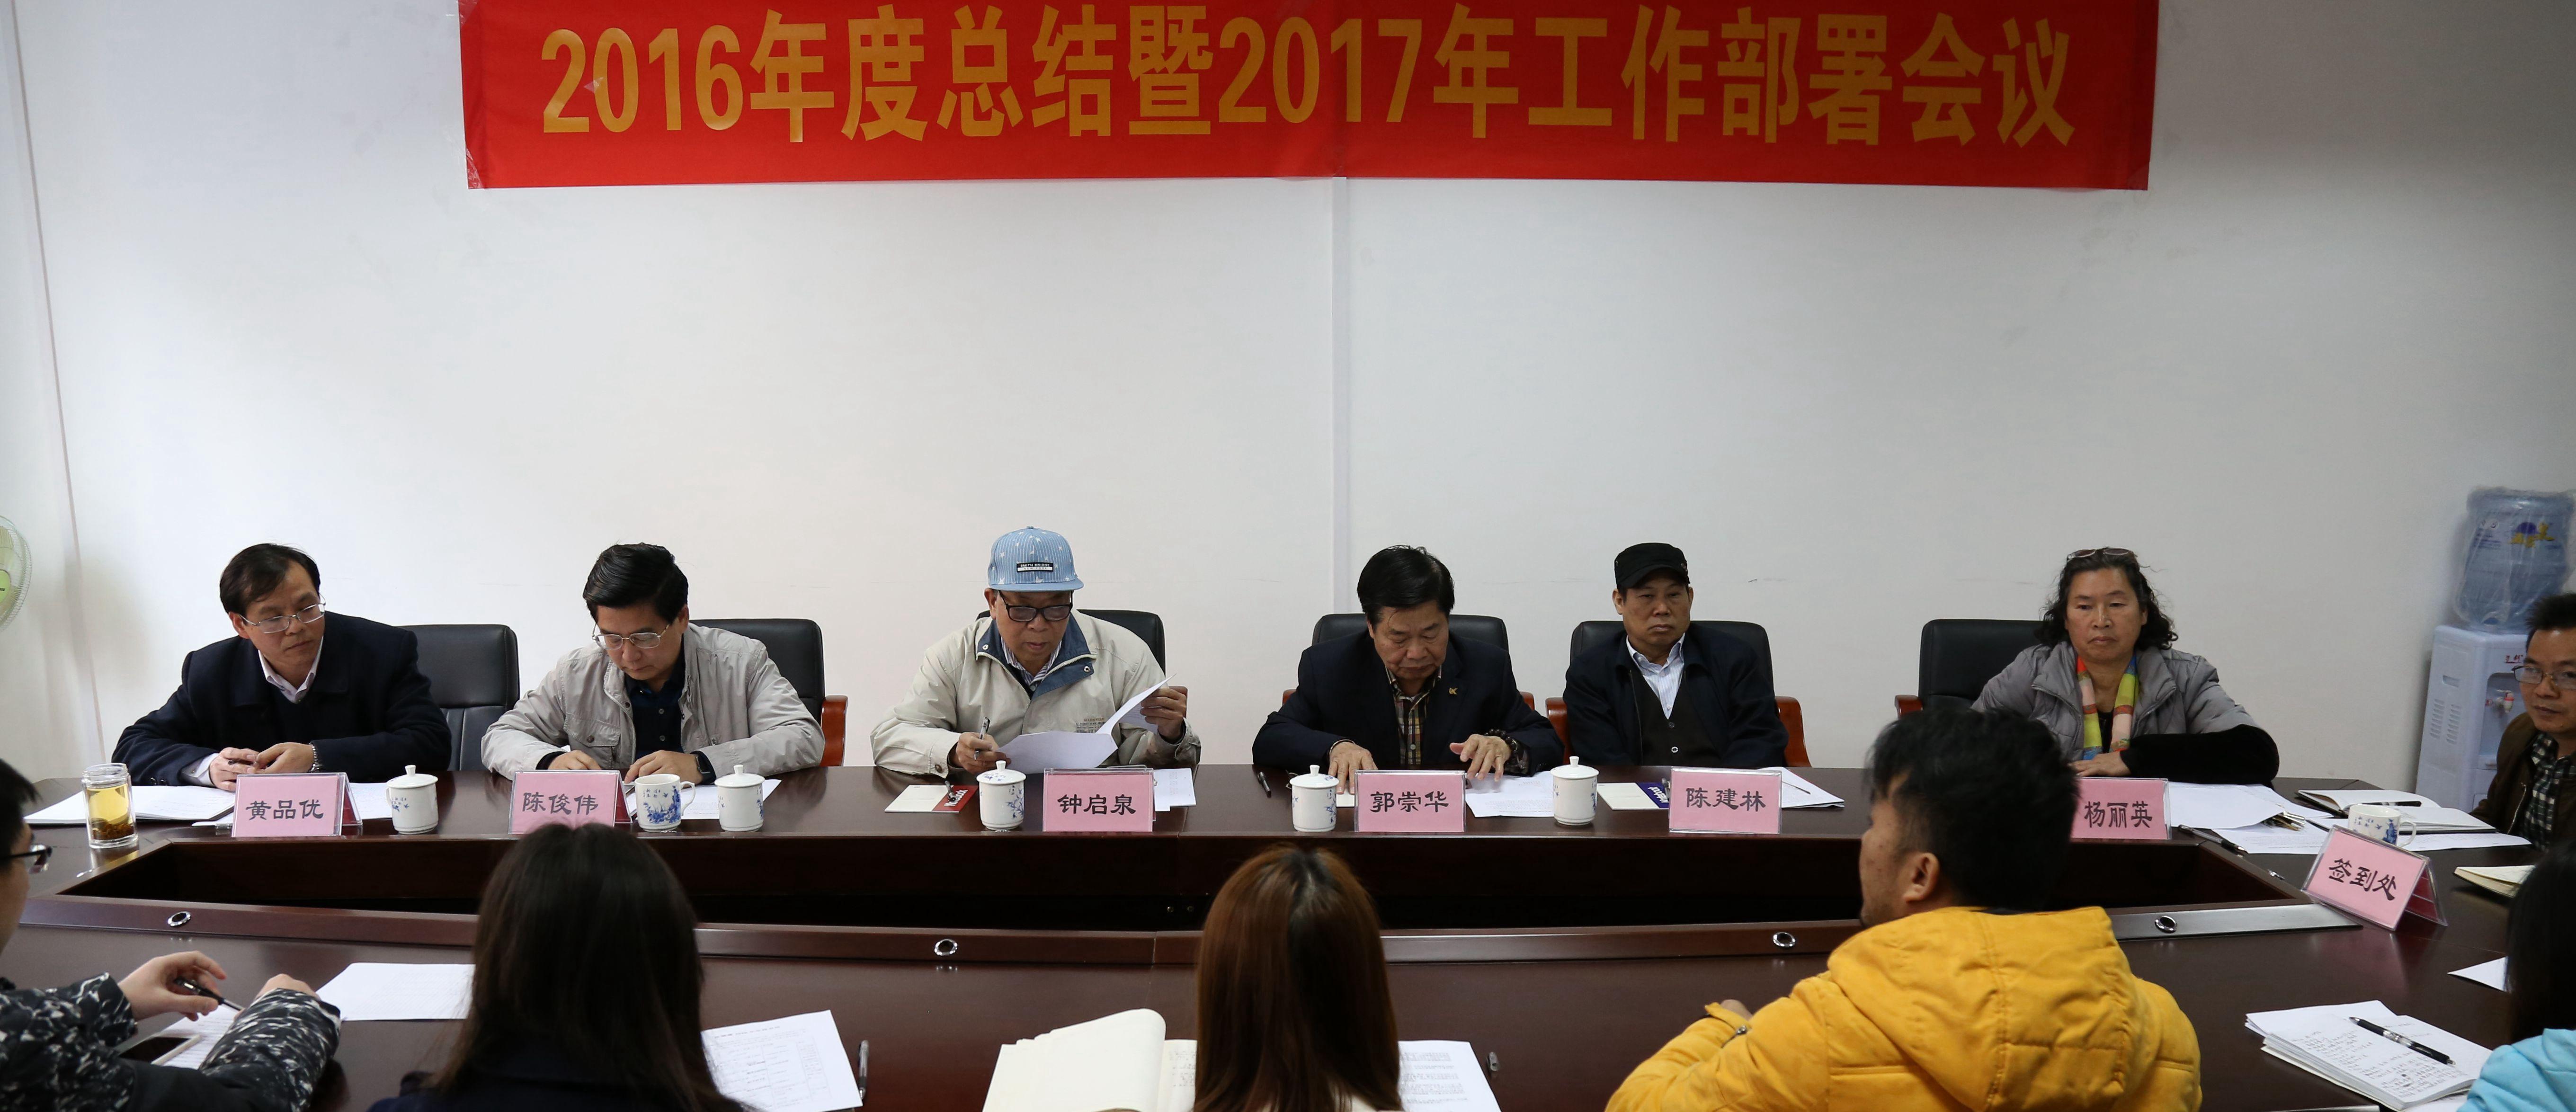 广西县促会召开2016年度总结暨2017年工作部署会议